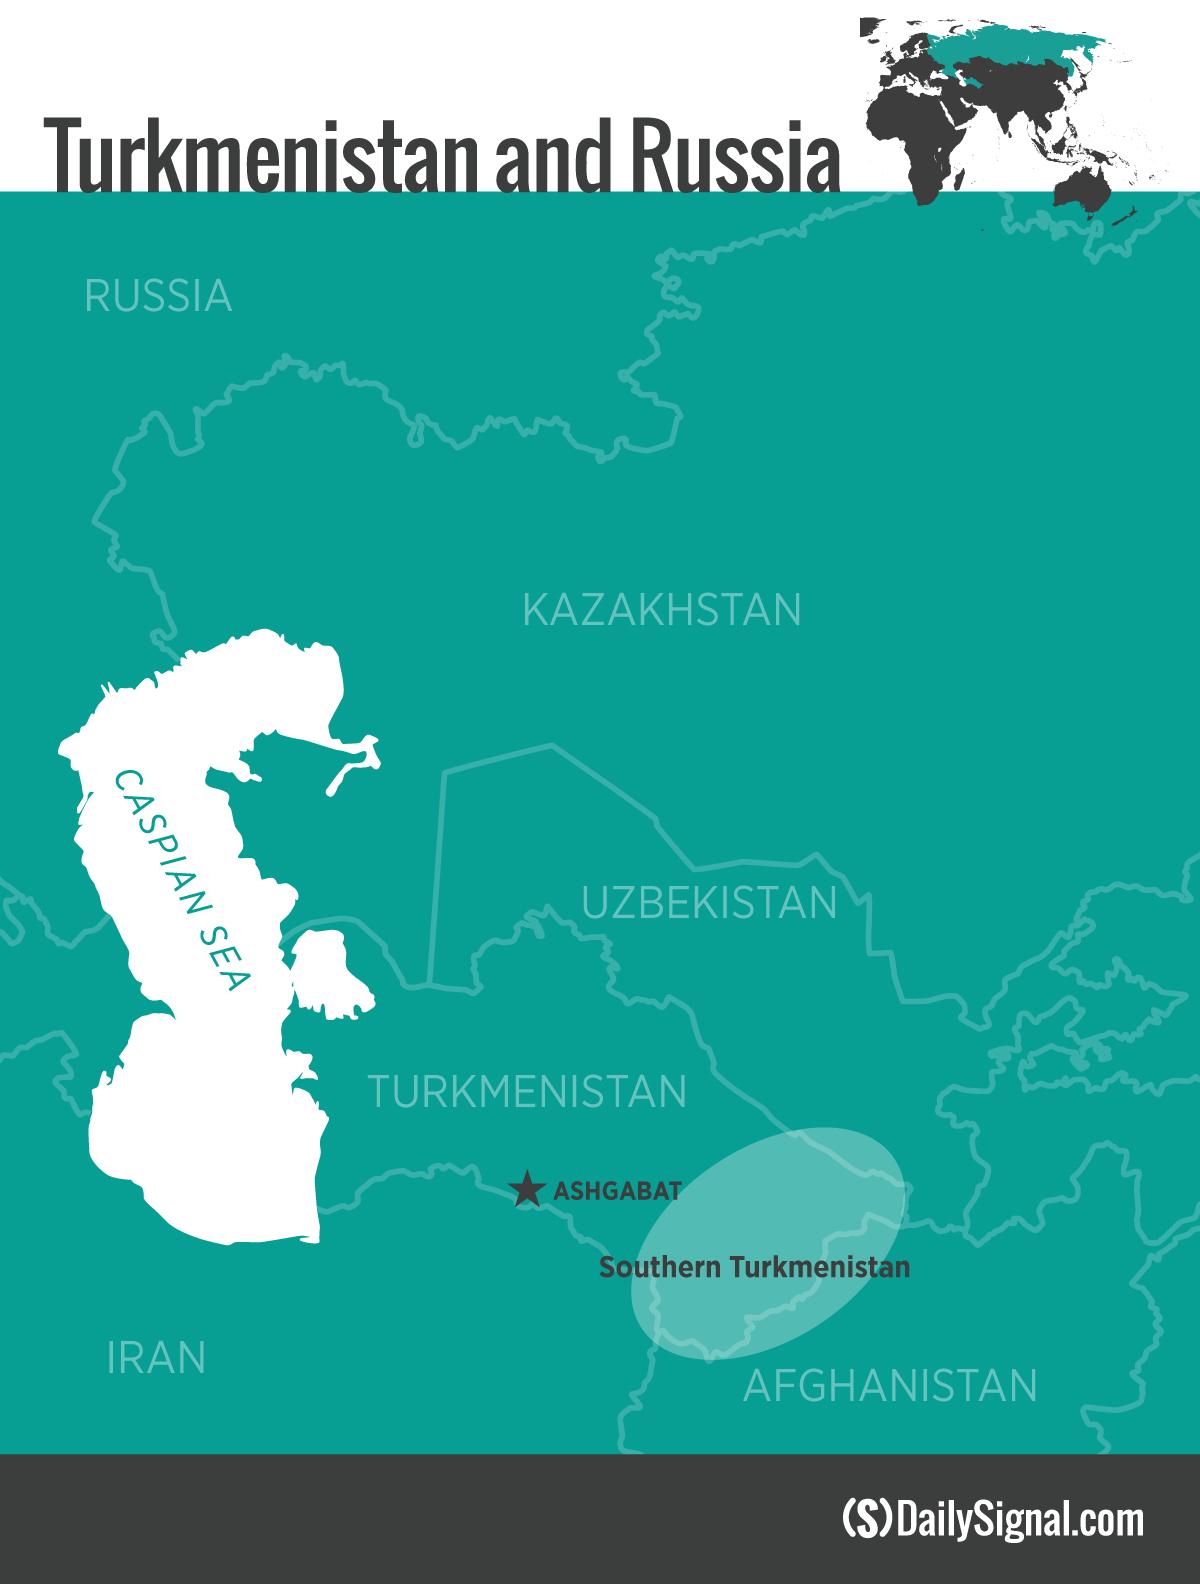 160919_russia-maps_turkmenistan_v2